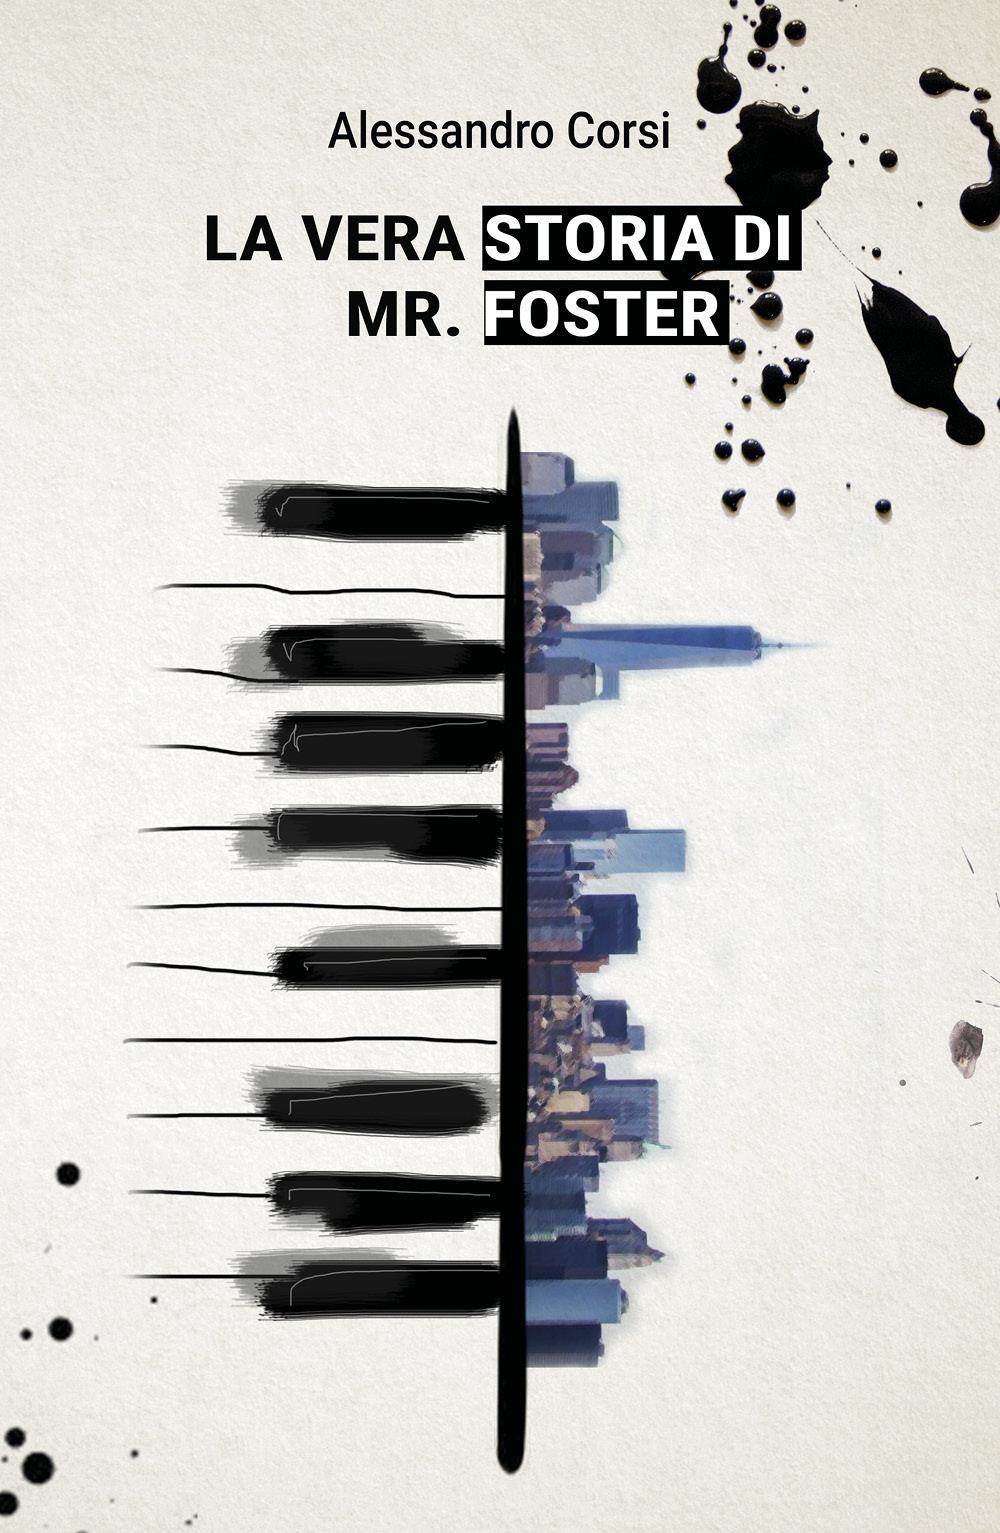 La vera storia di Mr. Foster